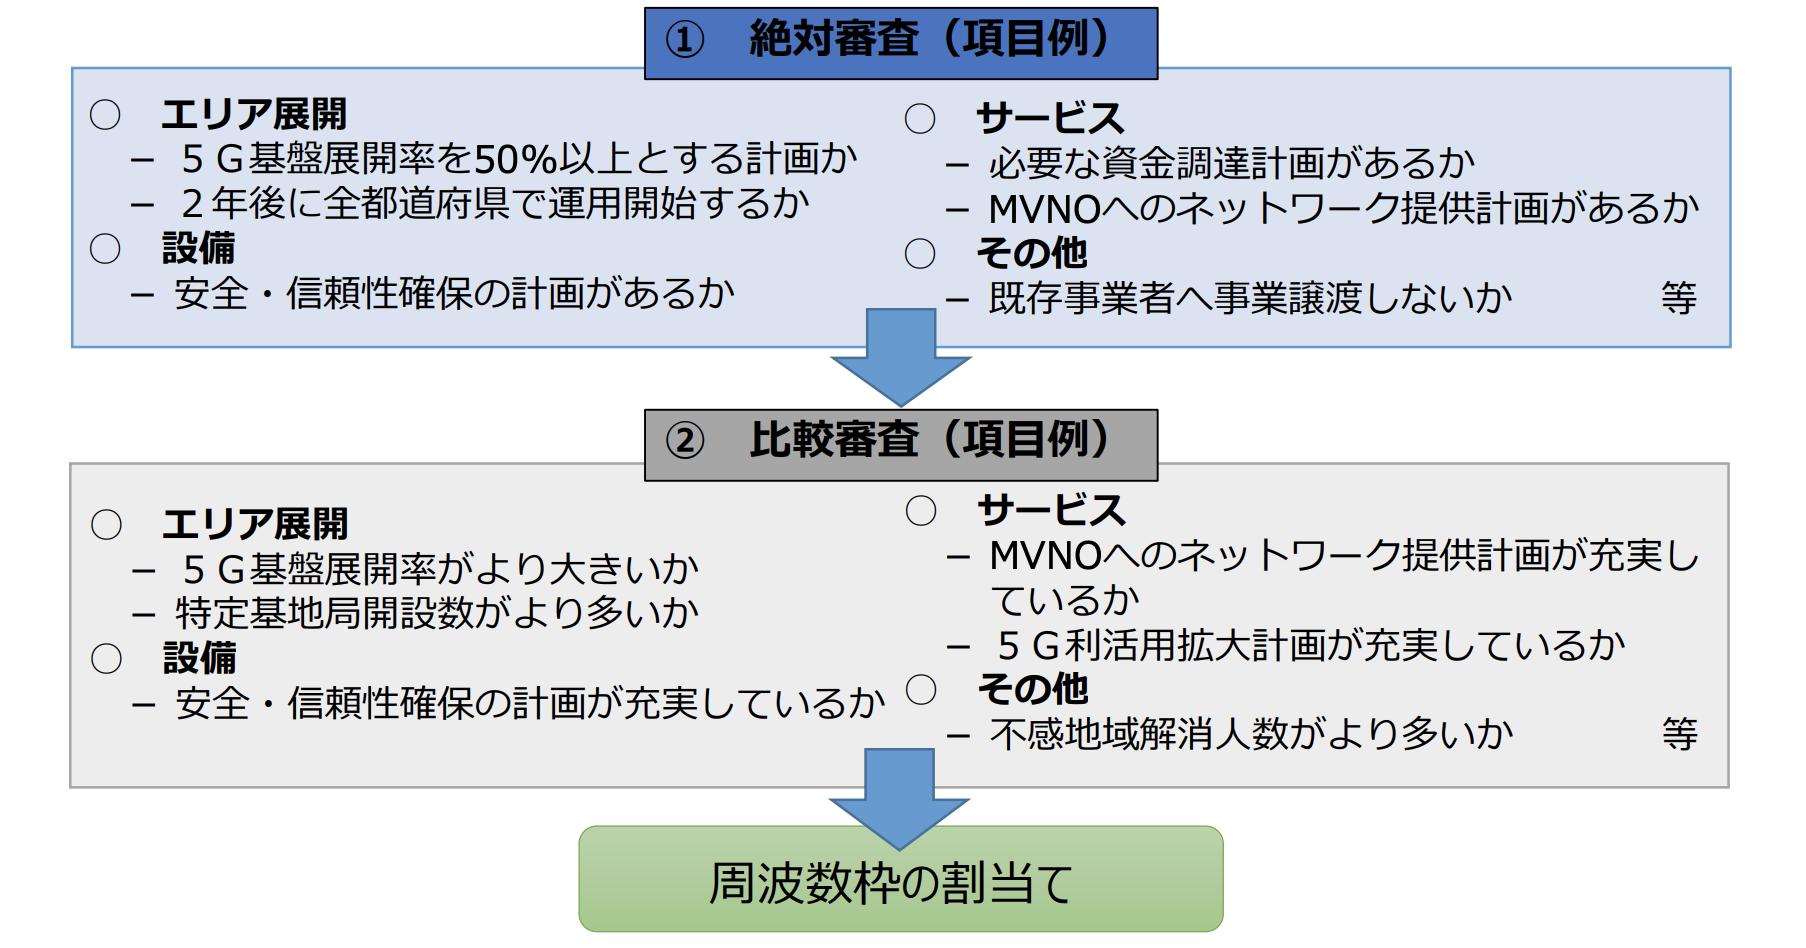 総務省の5G周波数割当審査のプロセス